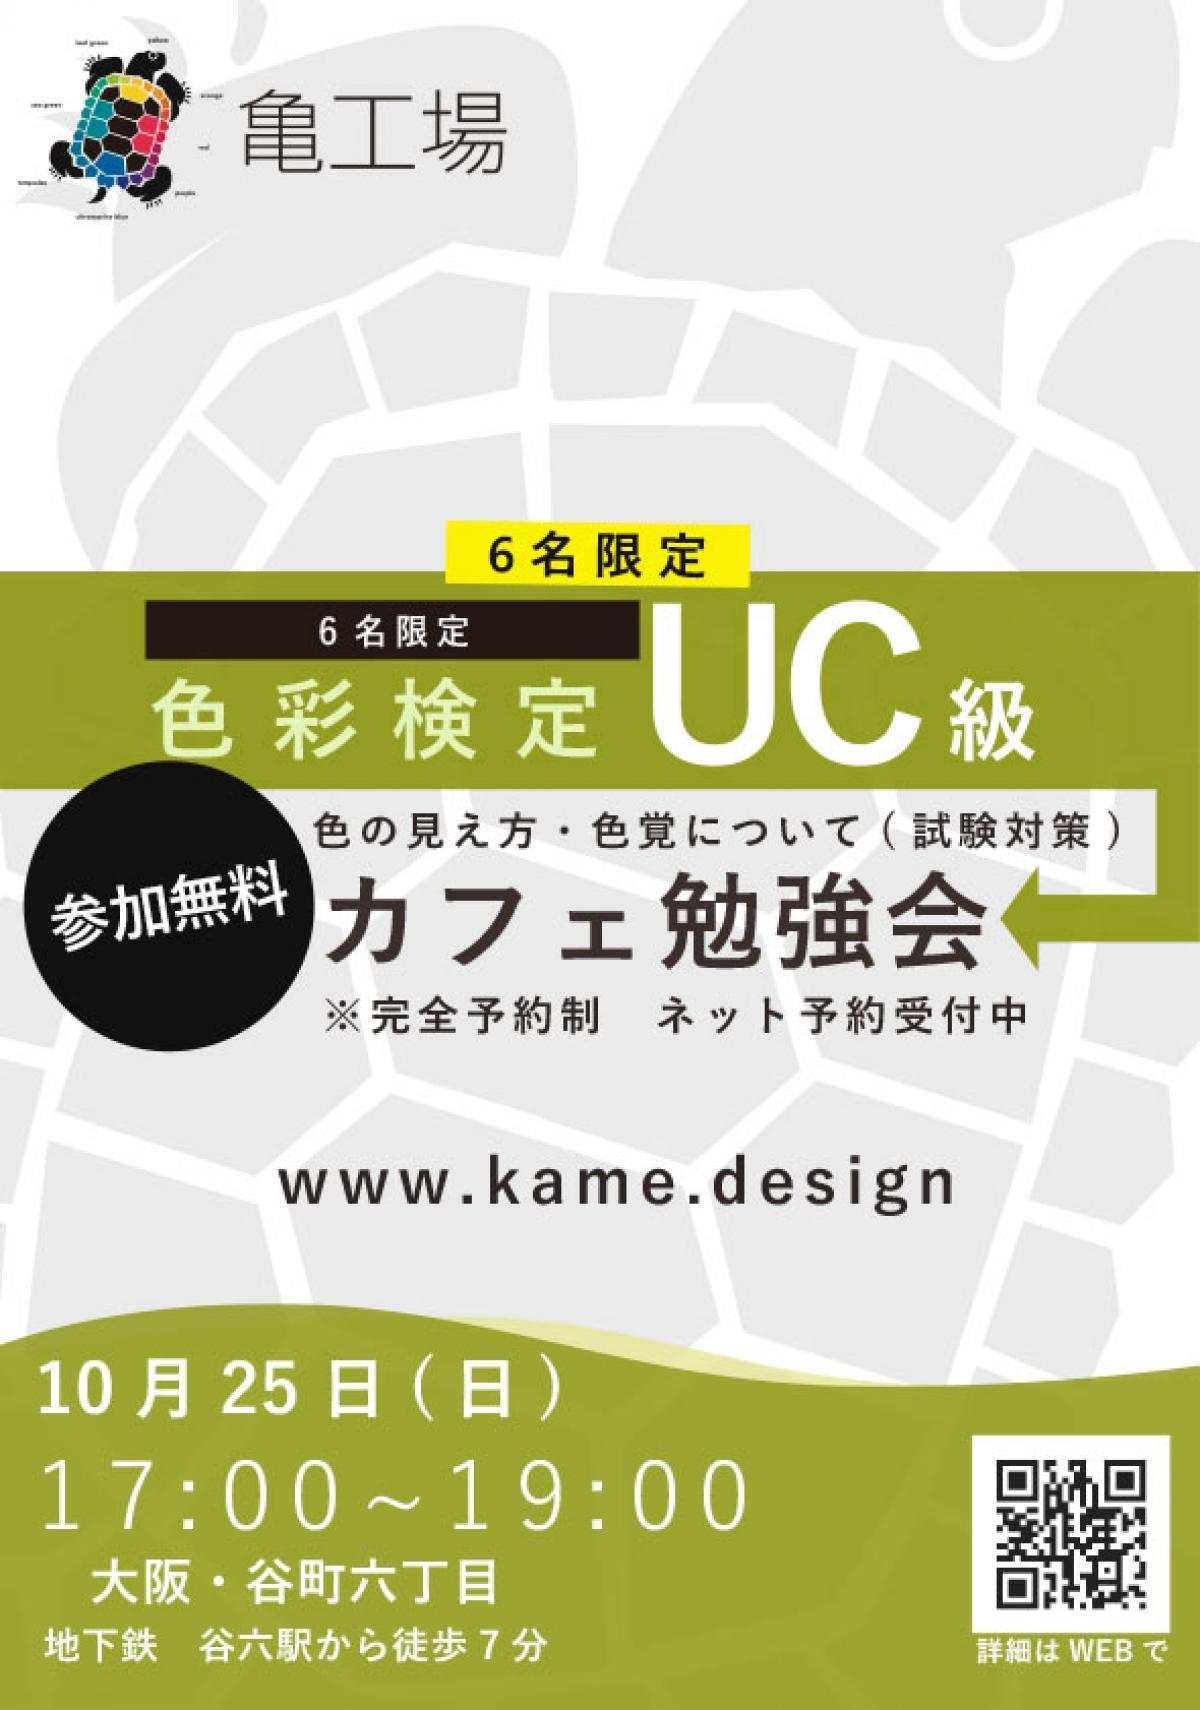 第2回色彩検定UC級 カフェ勉強会